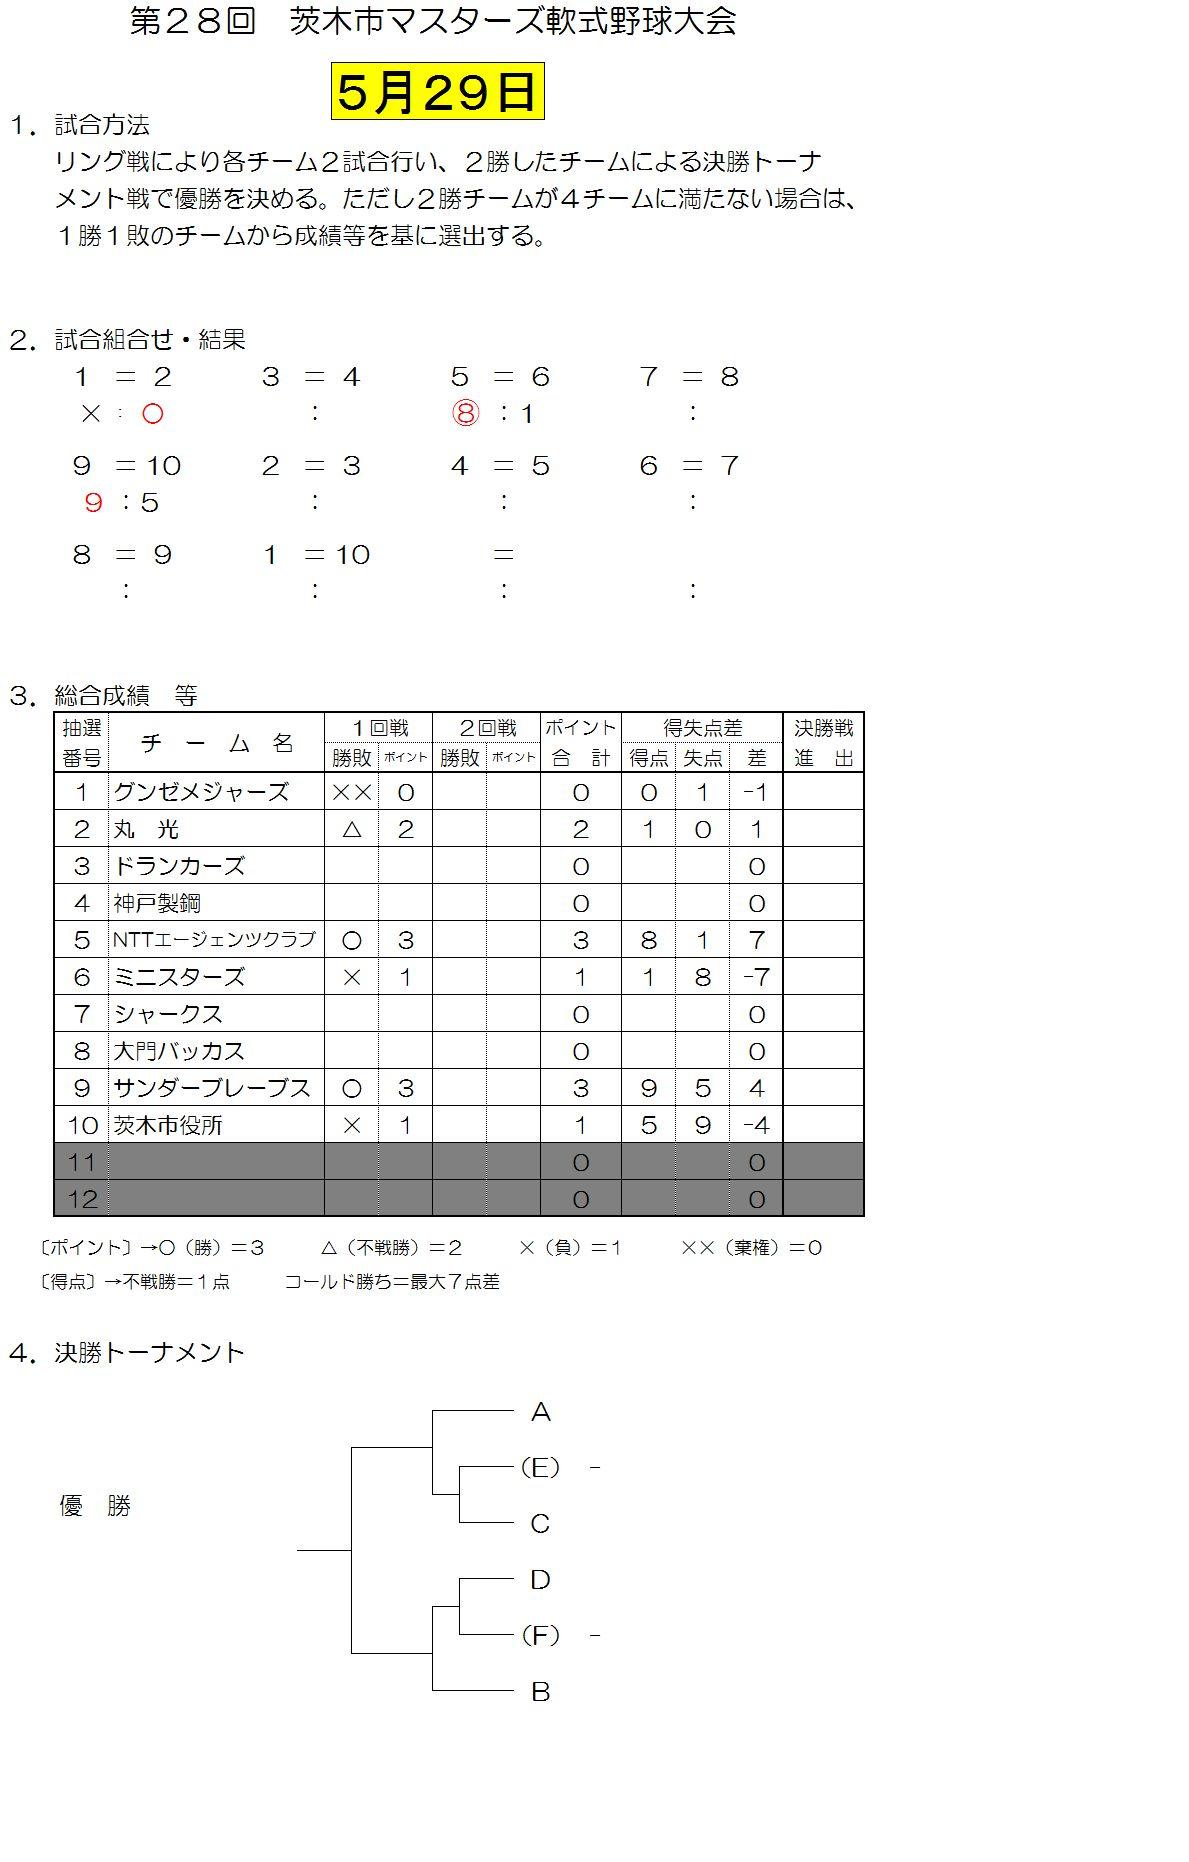 壮年 5月29日試合結果